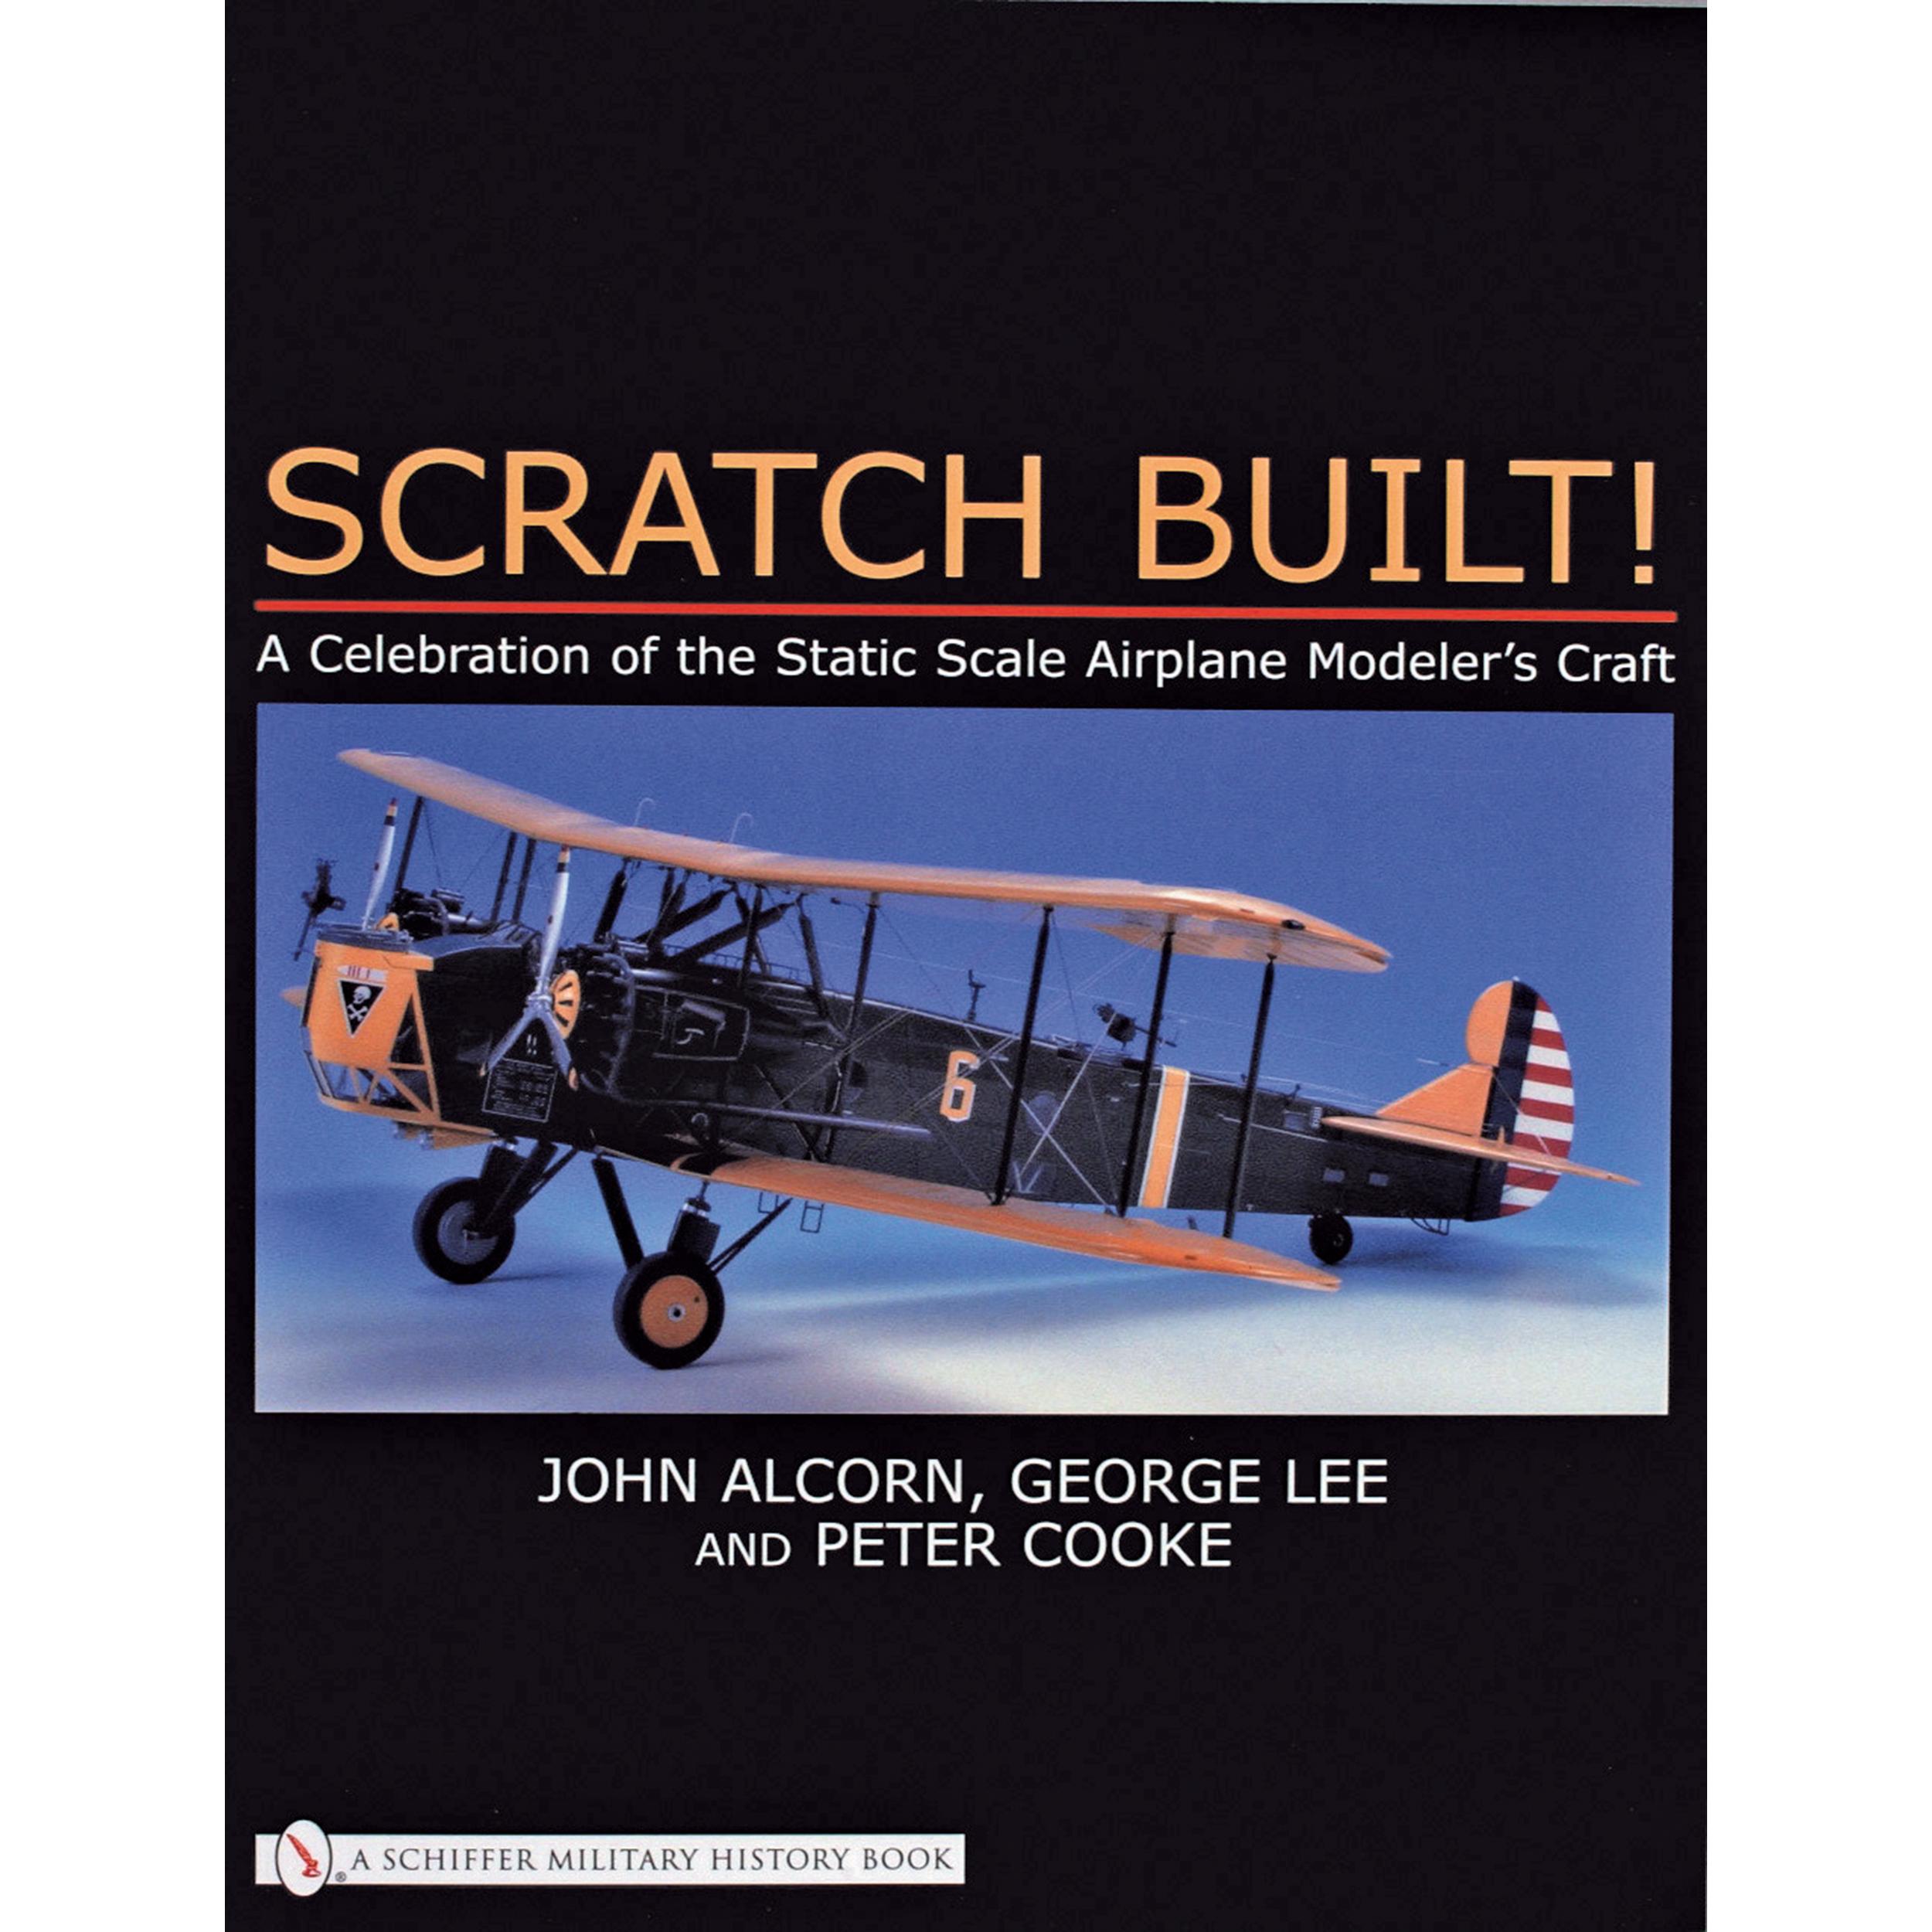 Scratch Built!